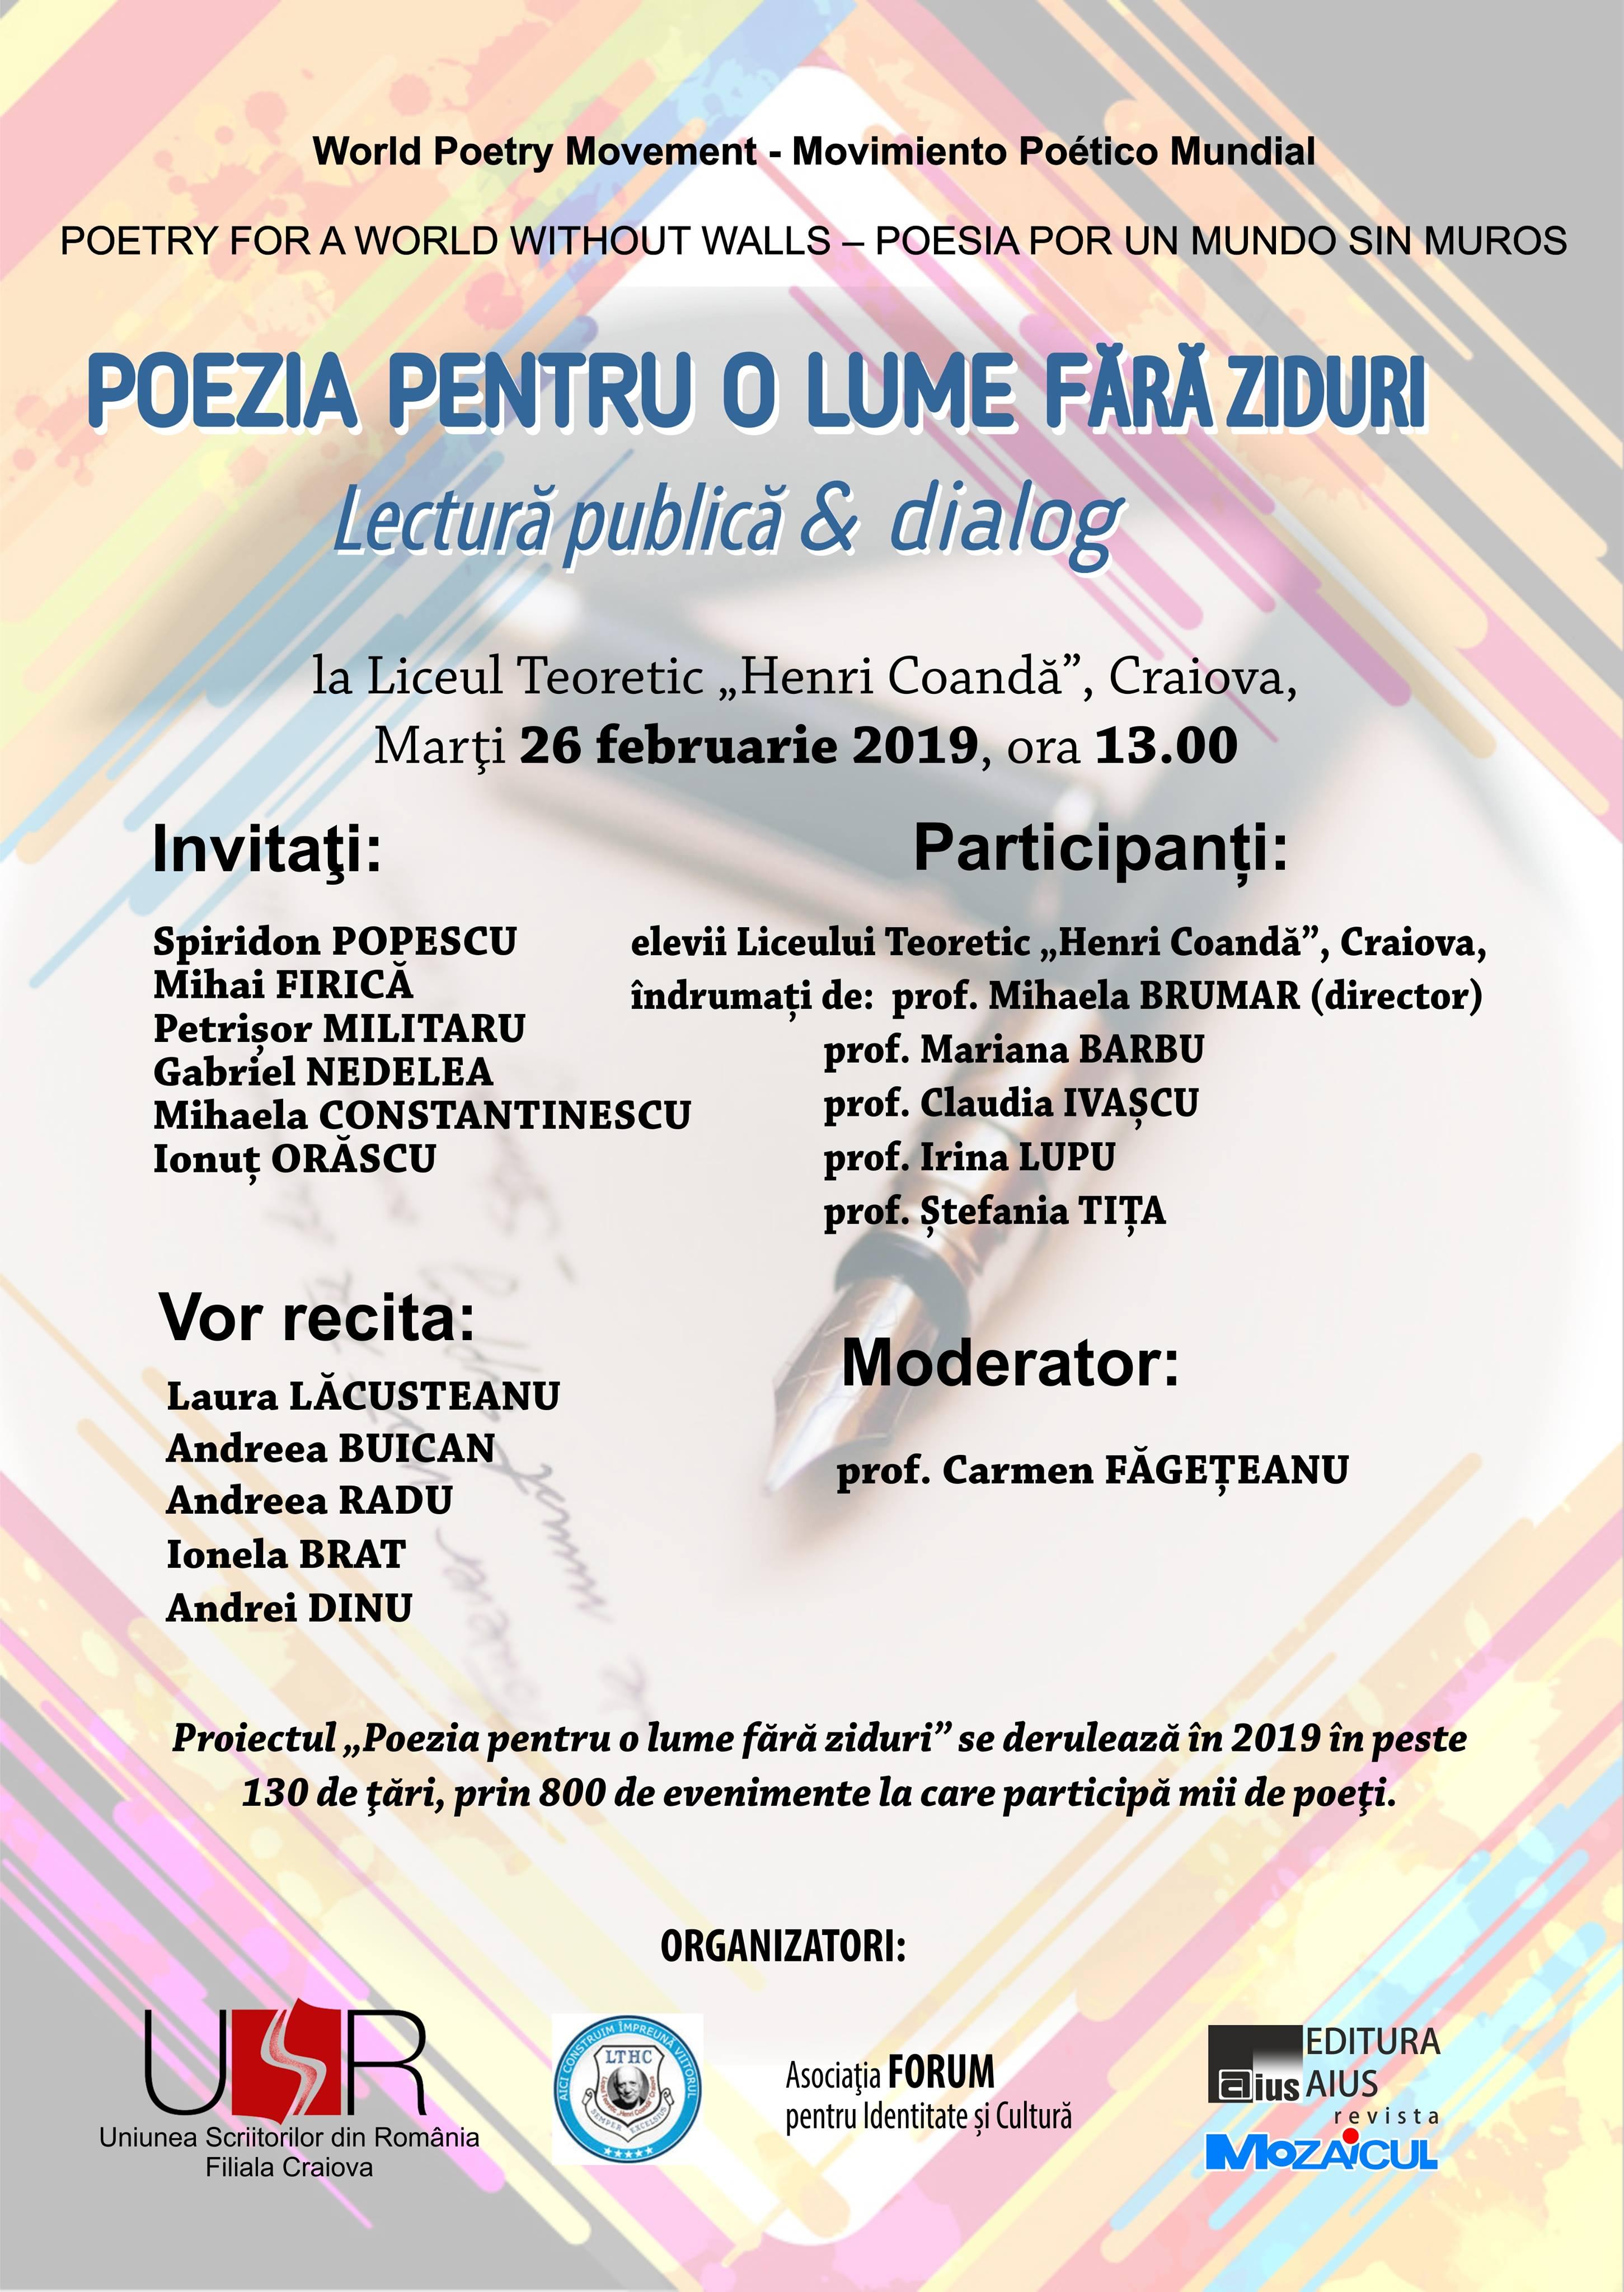 Scriitorii craioveni, la Liceul Teoretic Henri Coandă în cadrul POEZIA PENTRU O LUME FĂRĂ ZIDURI - Lectură publică și dialog